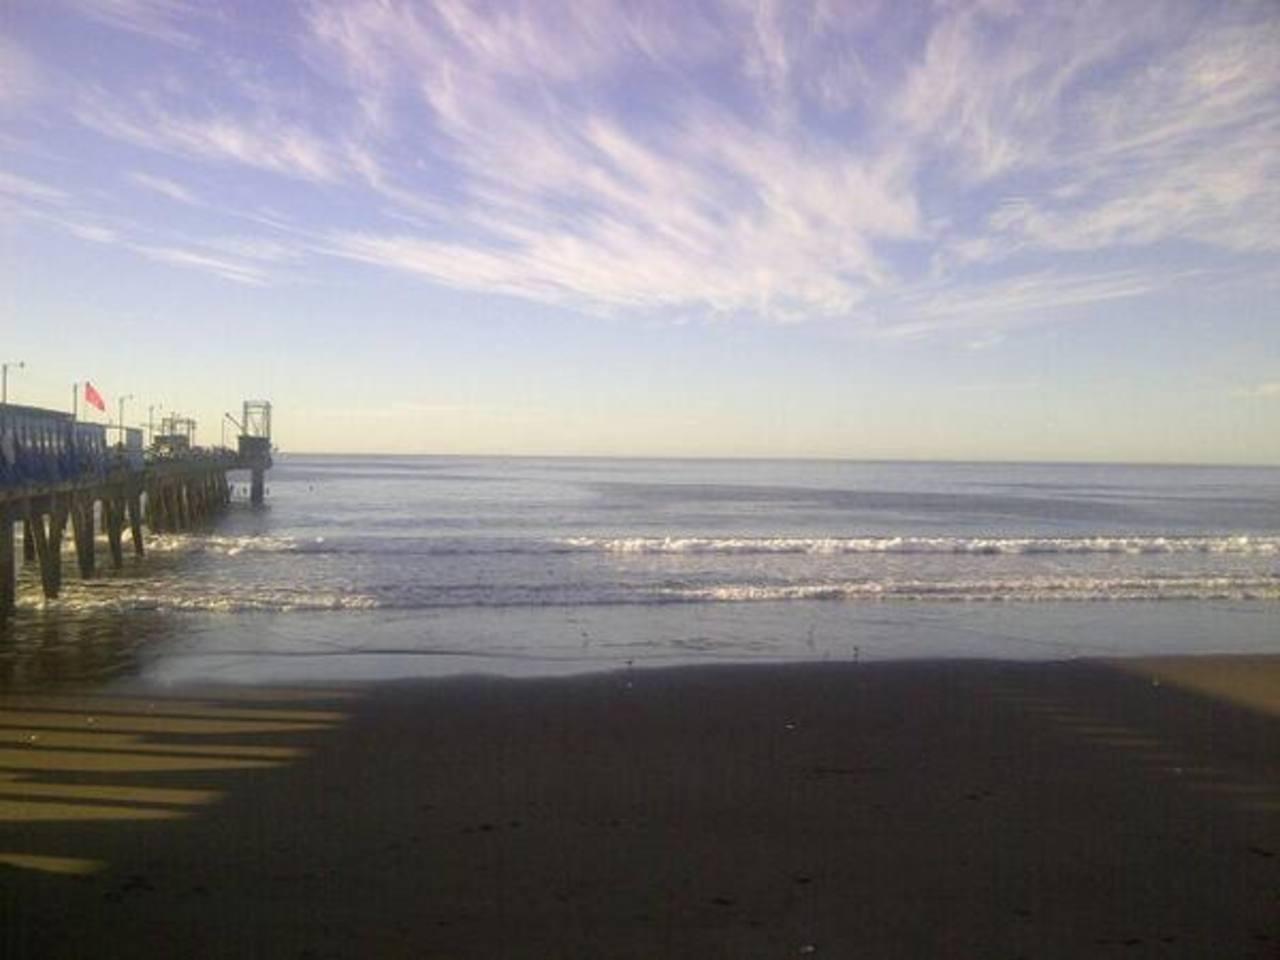 Así amaneció el ambiente en el Puerto de La Libertad. Foto cortesía @JGarcia2710